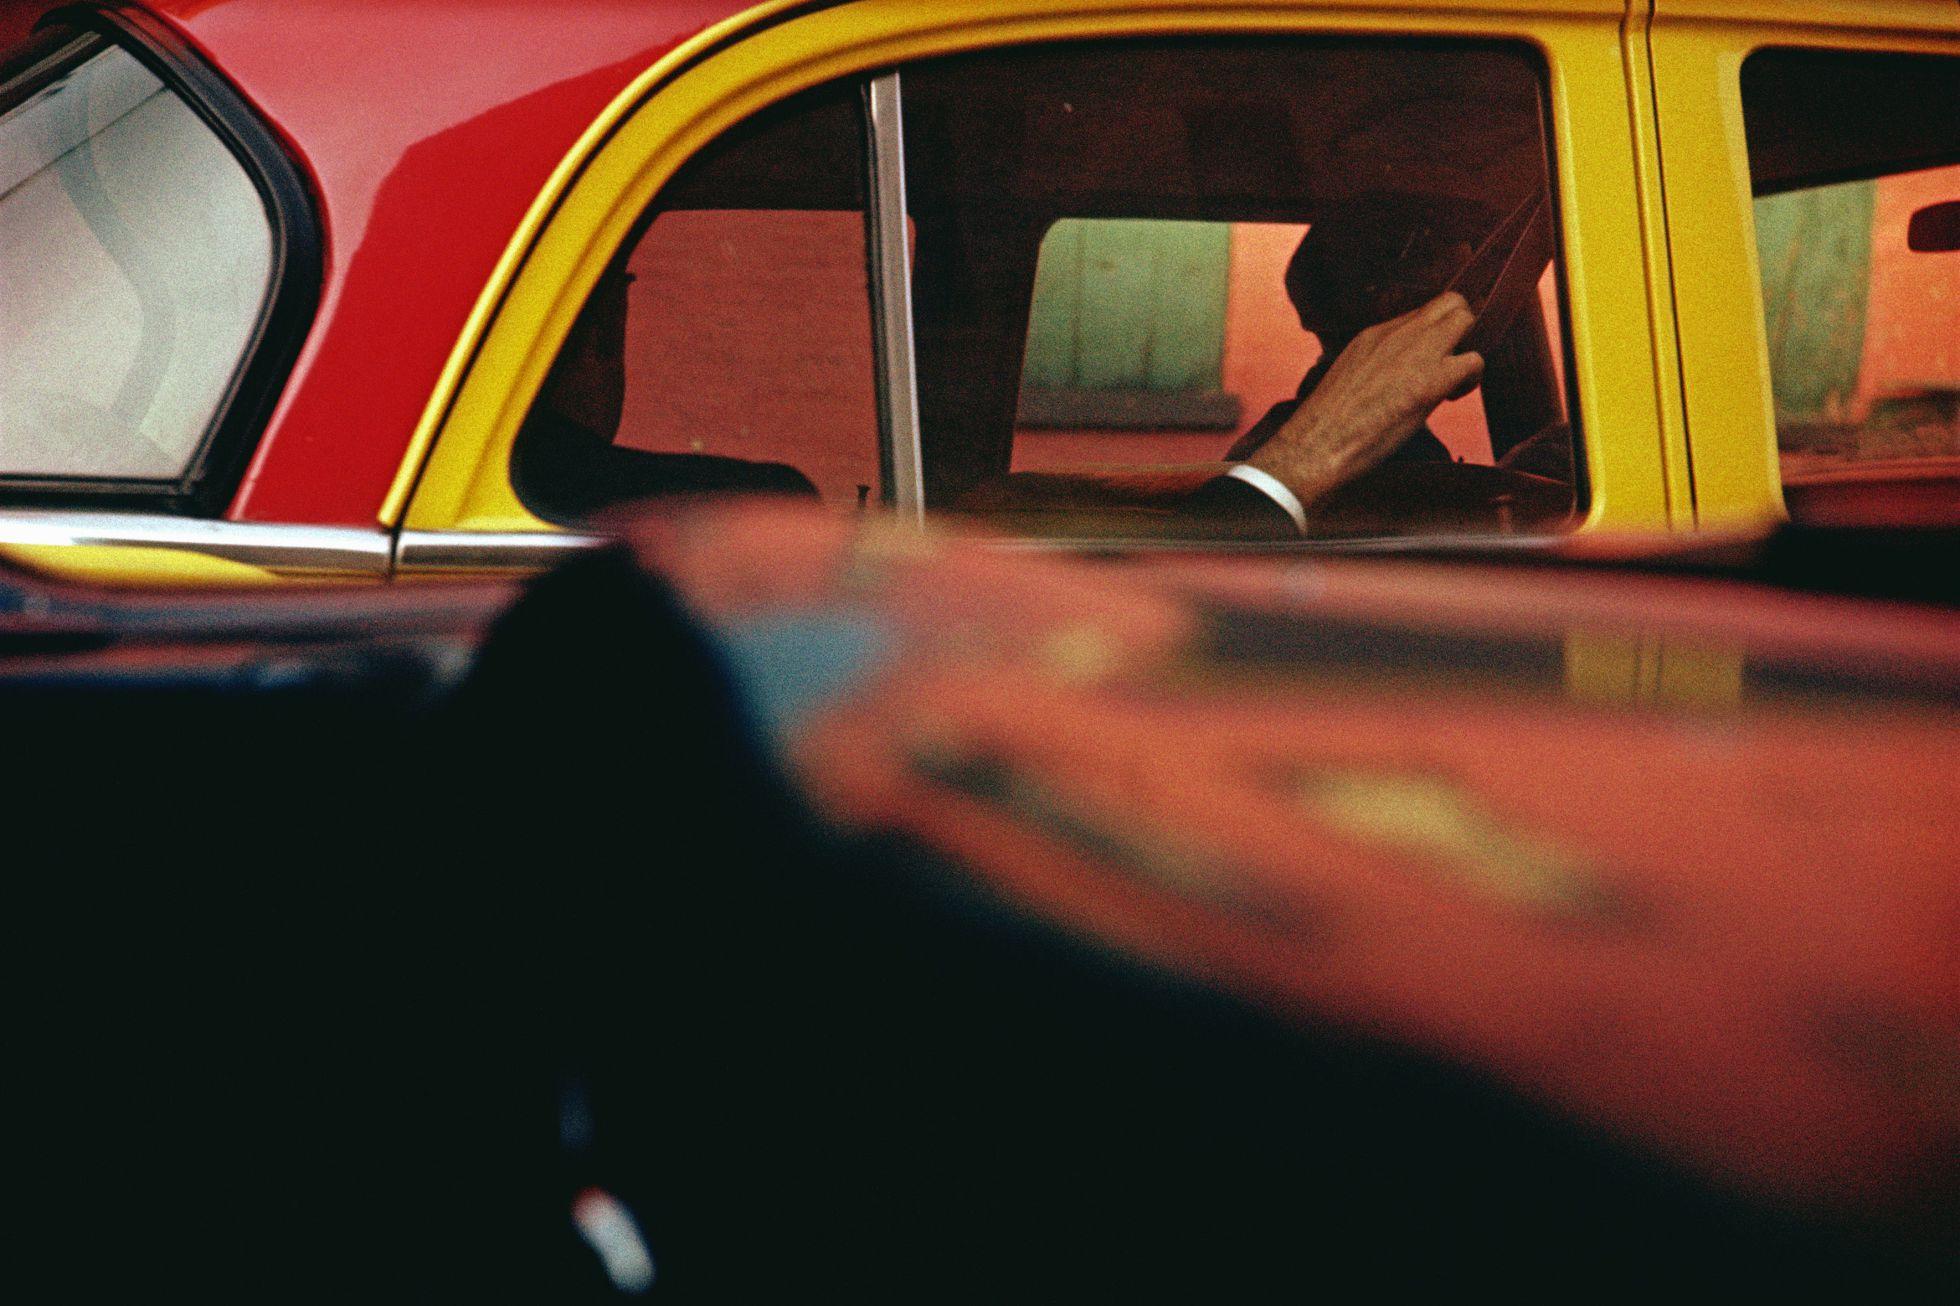 'Taxi', ca. 1957 © Saul Leiter